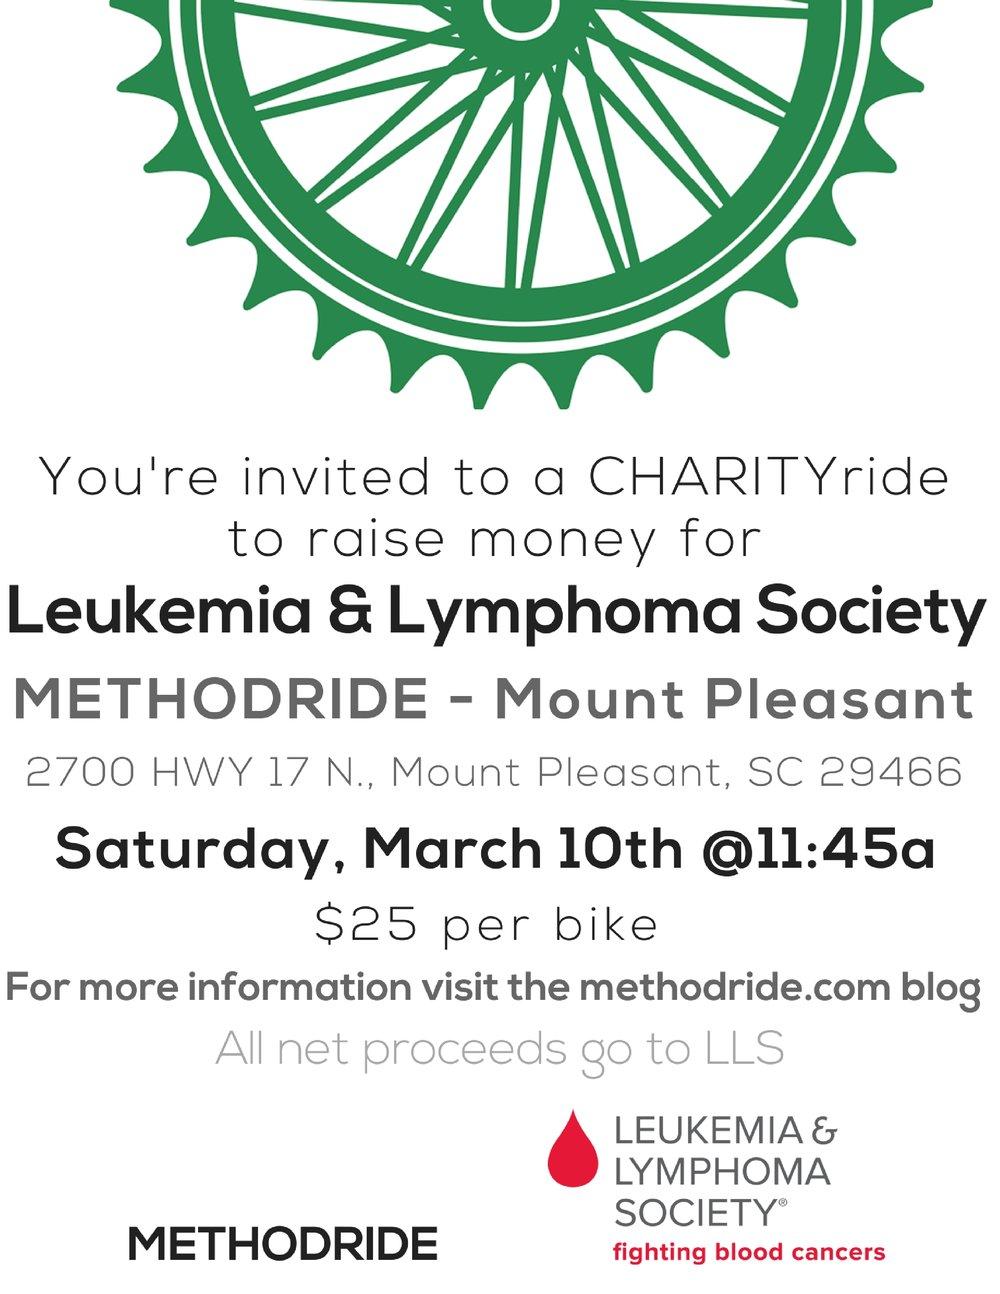 LLS CHARITYride - 3/10 @11:45am - $25